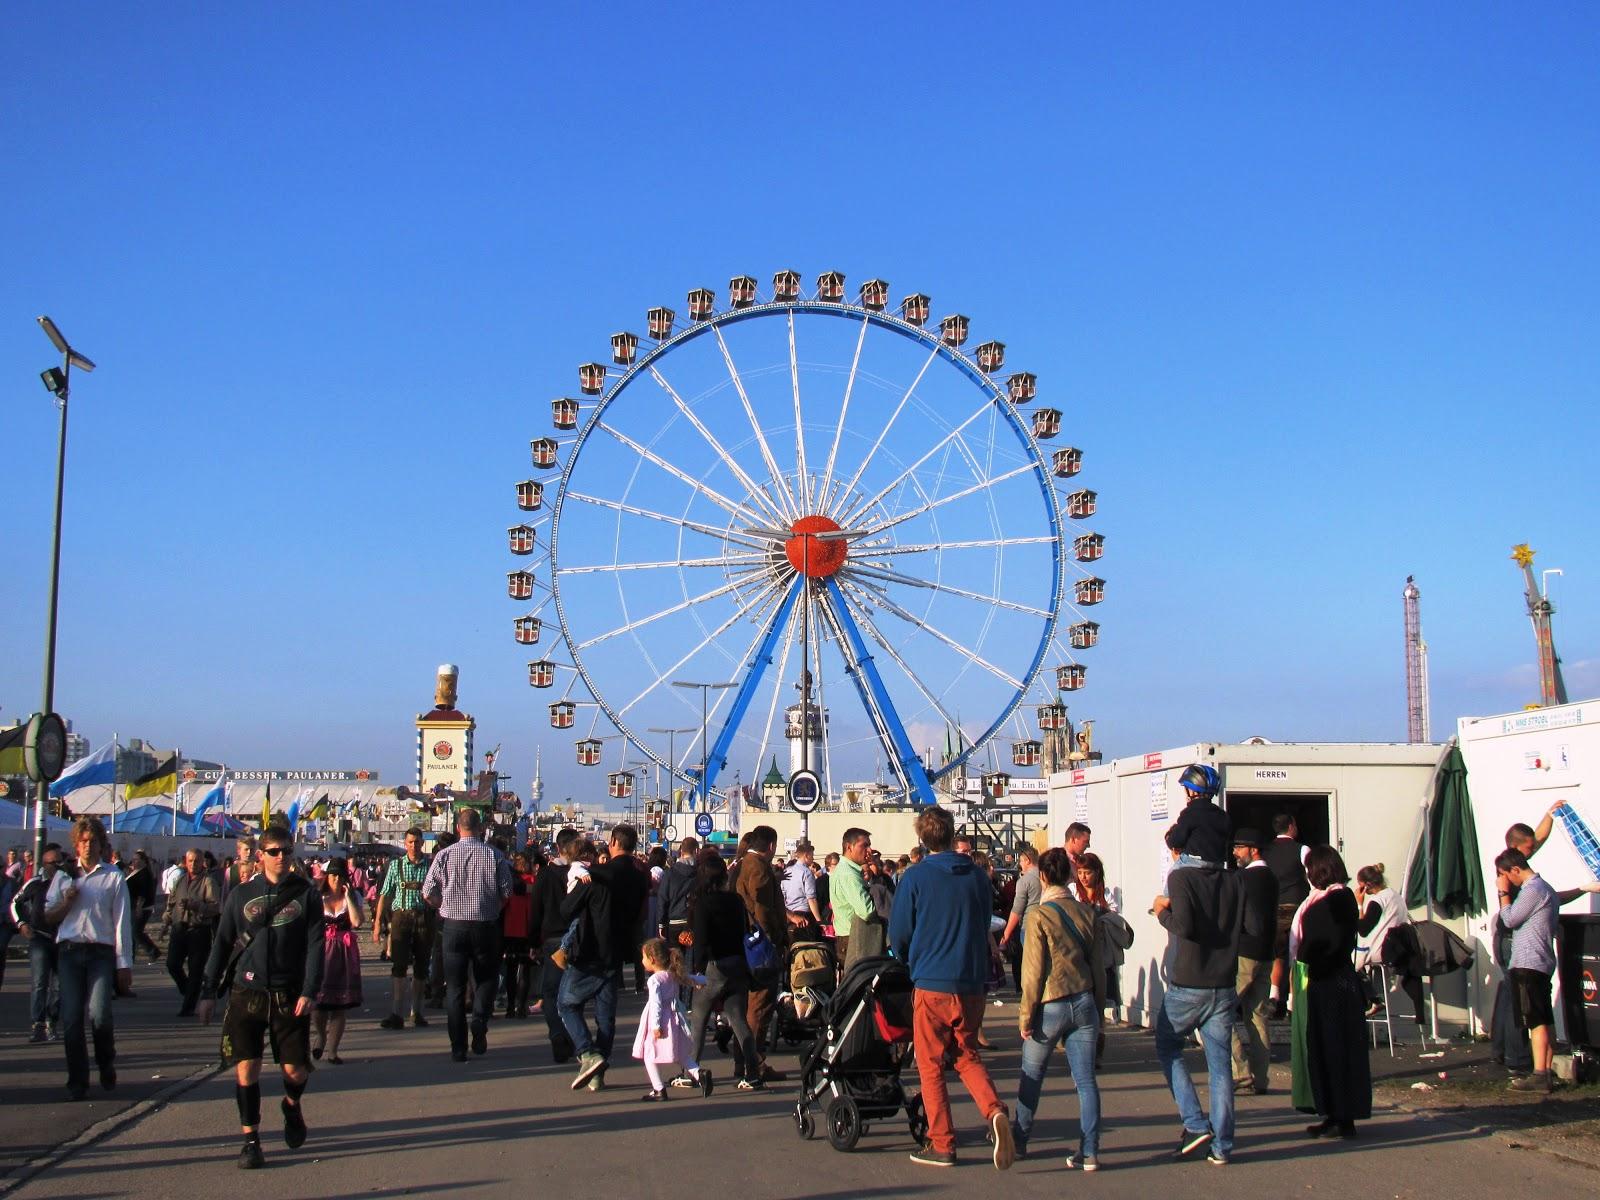 Oktoberfest Munich 14, Wiesn Munich 14